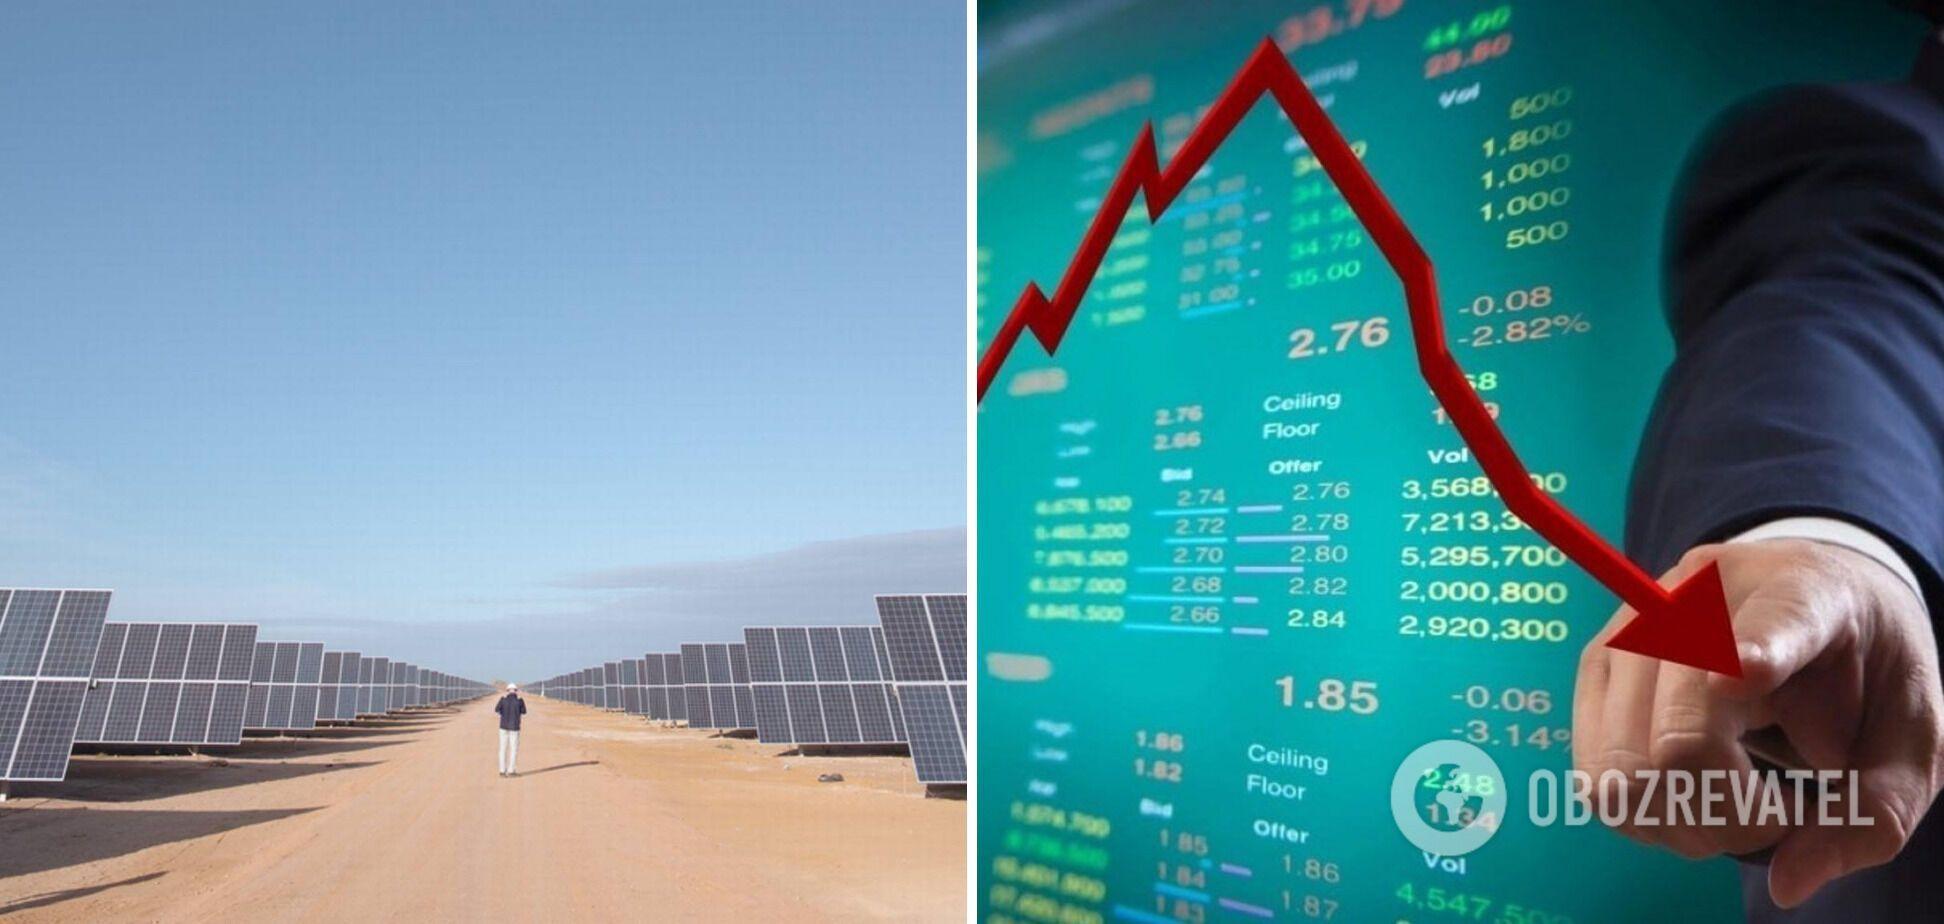 Норвежская Scatec Solar потеряла 10% стоимости из-за долгового кризиса в украинской зеленой энергетике